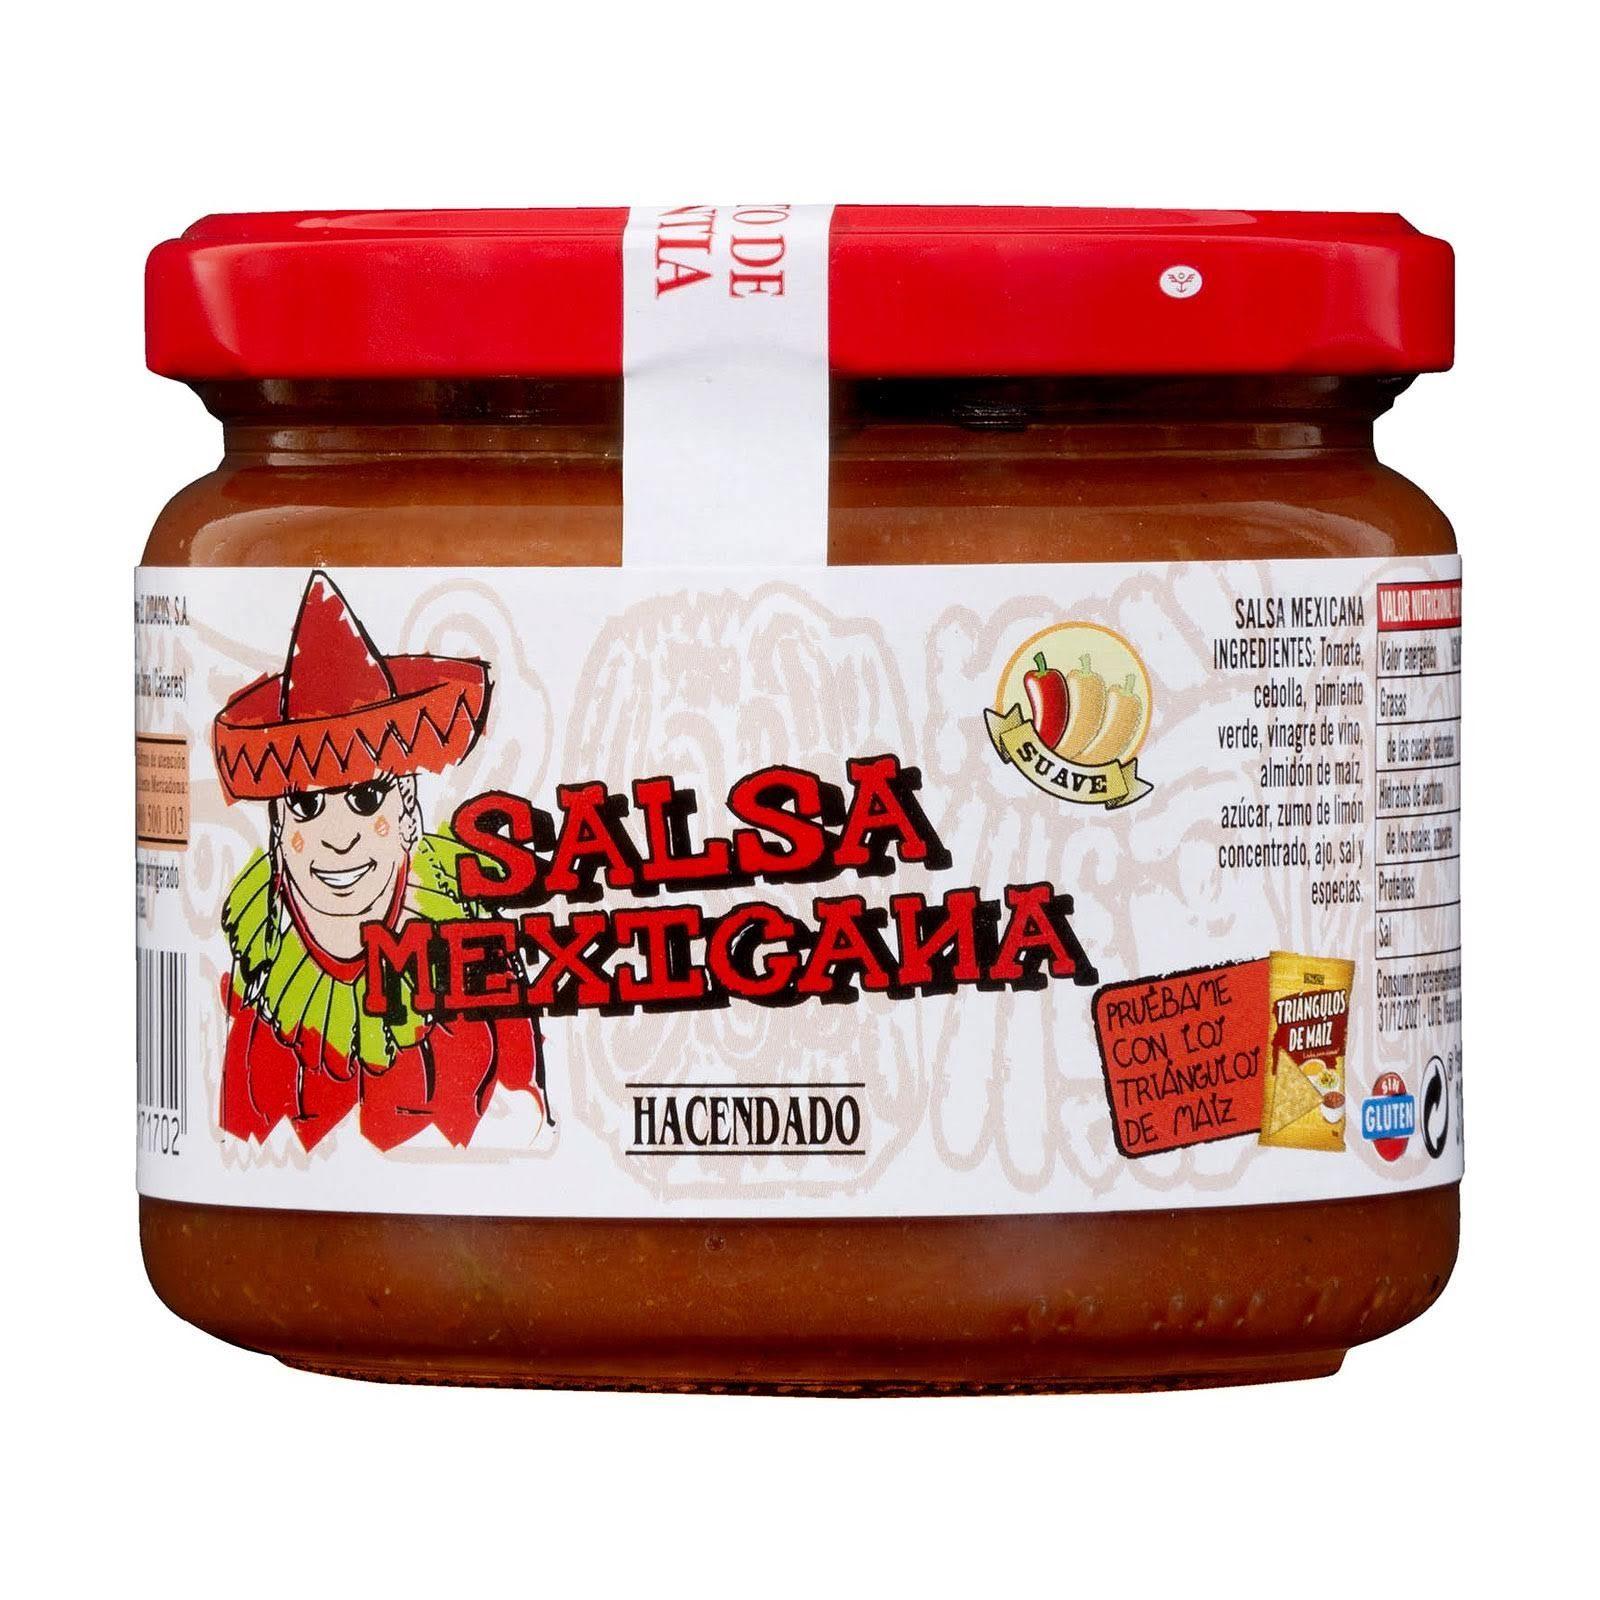 salsa-mexicana-para-dipear-hacendado-mercadona-1-6111733